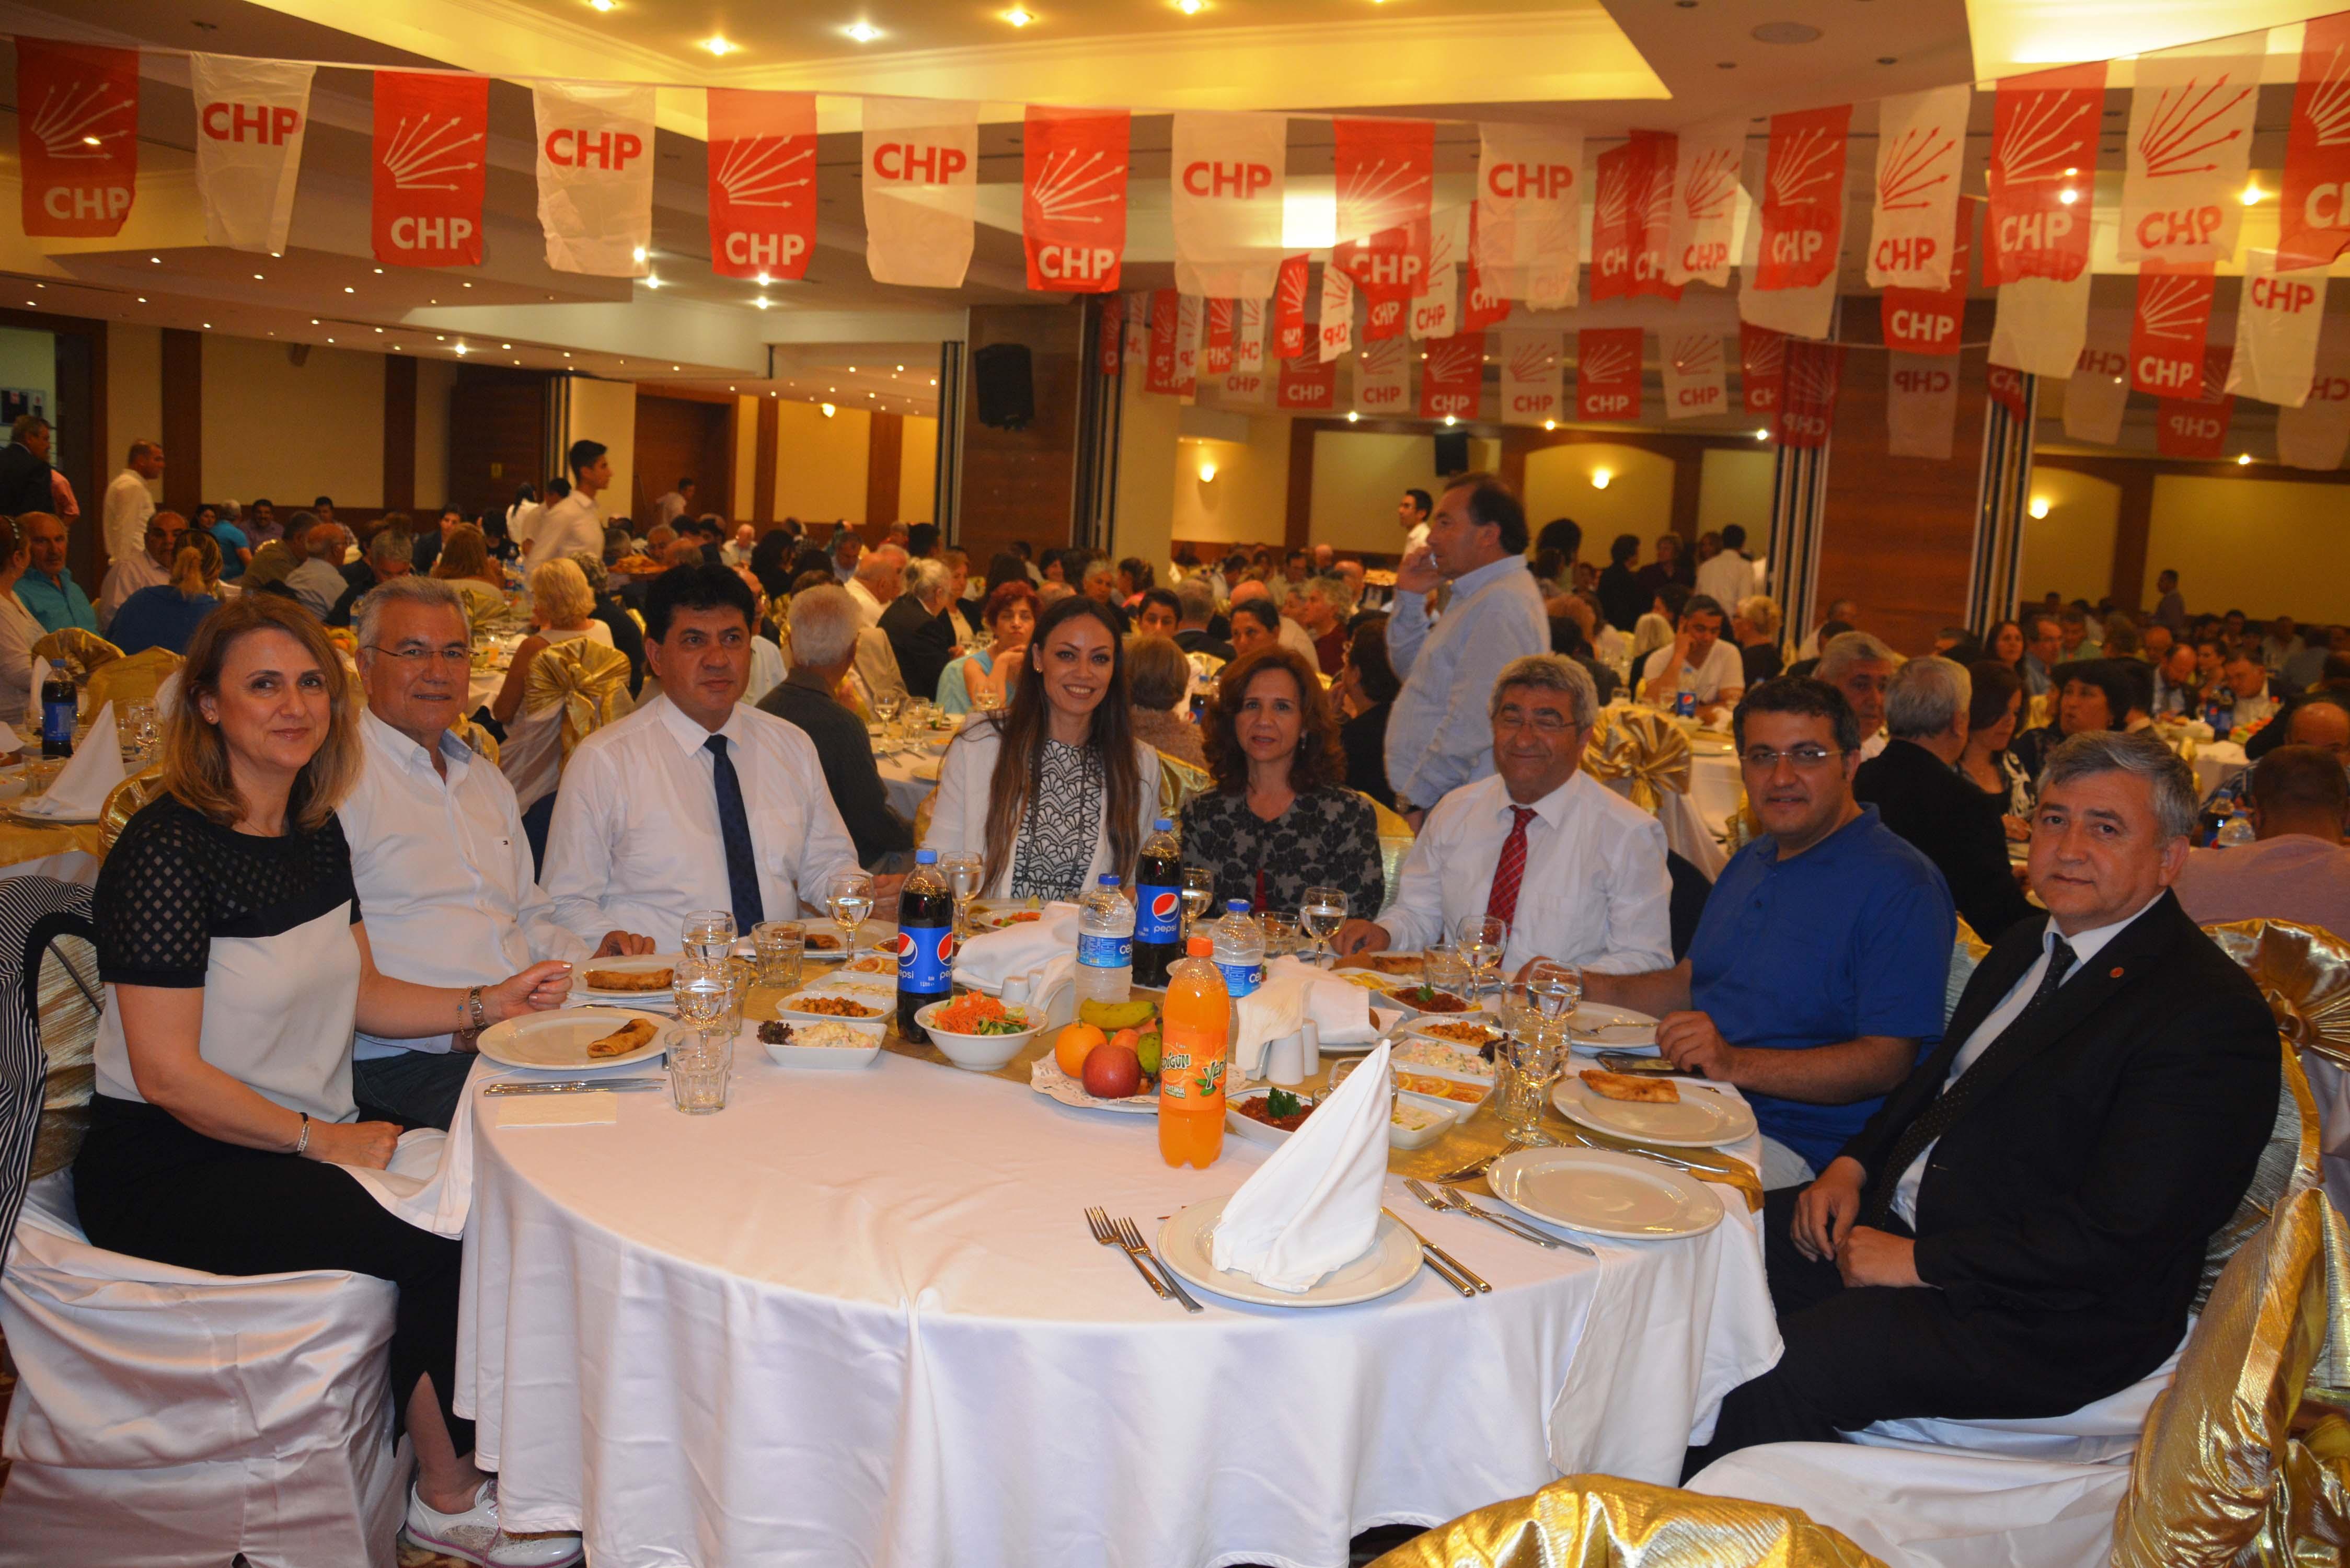 Kemer Belediye Başkanı Mustafa Gül, CHP'lilere seslendi: